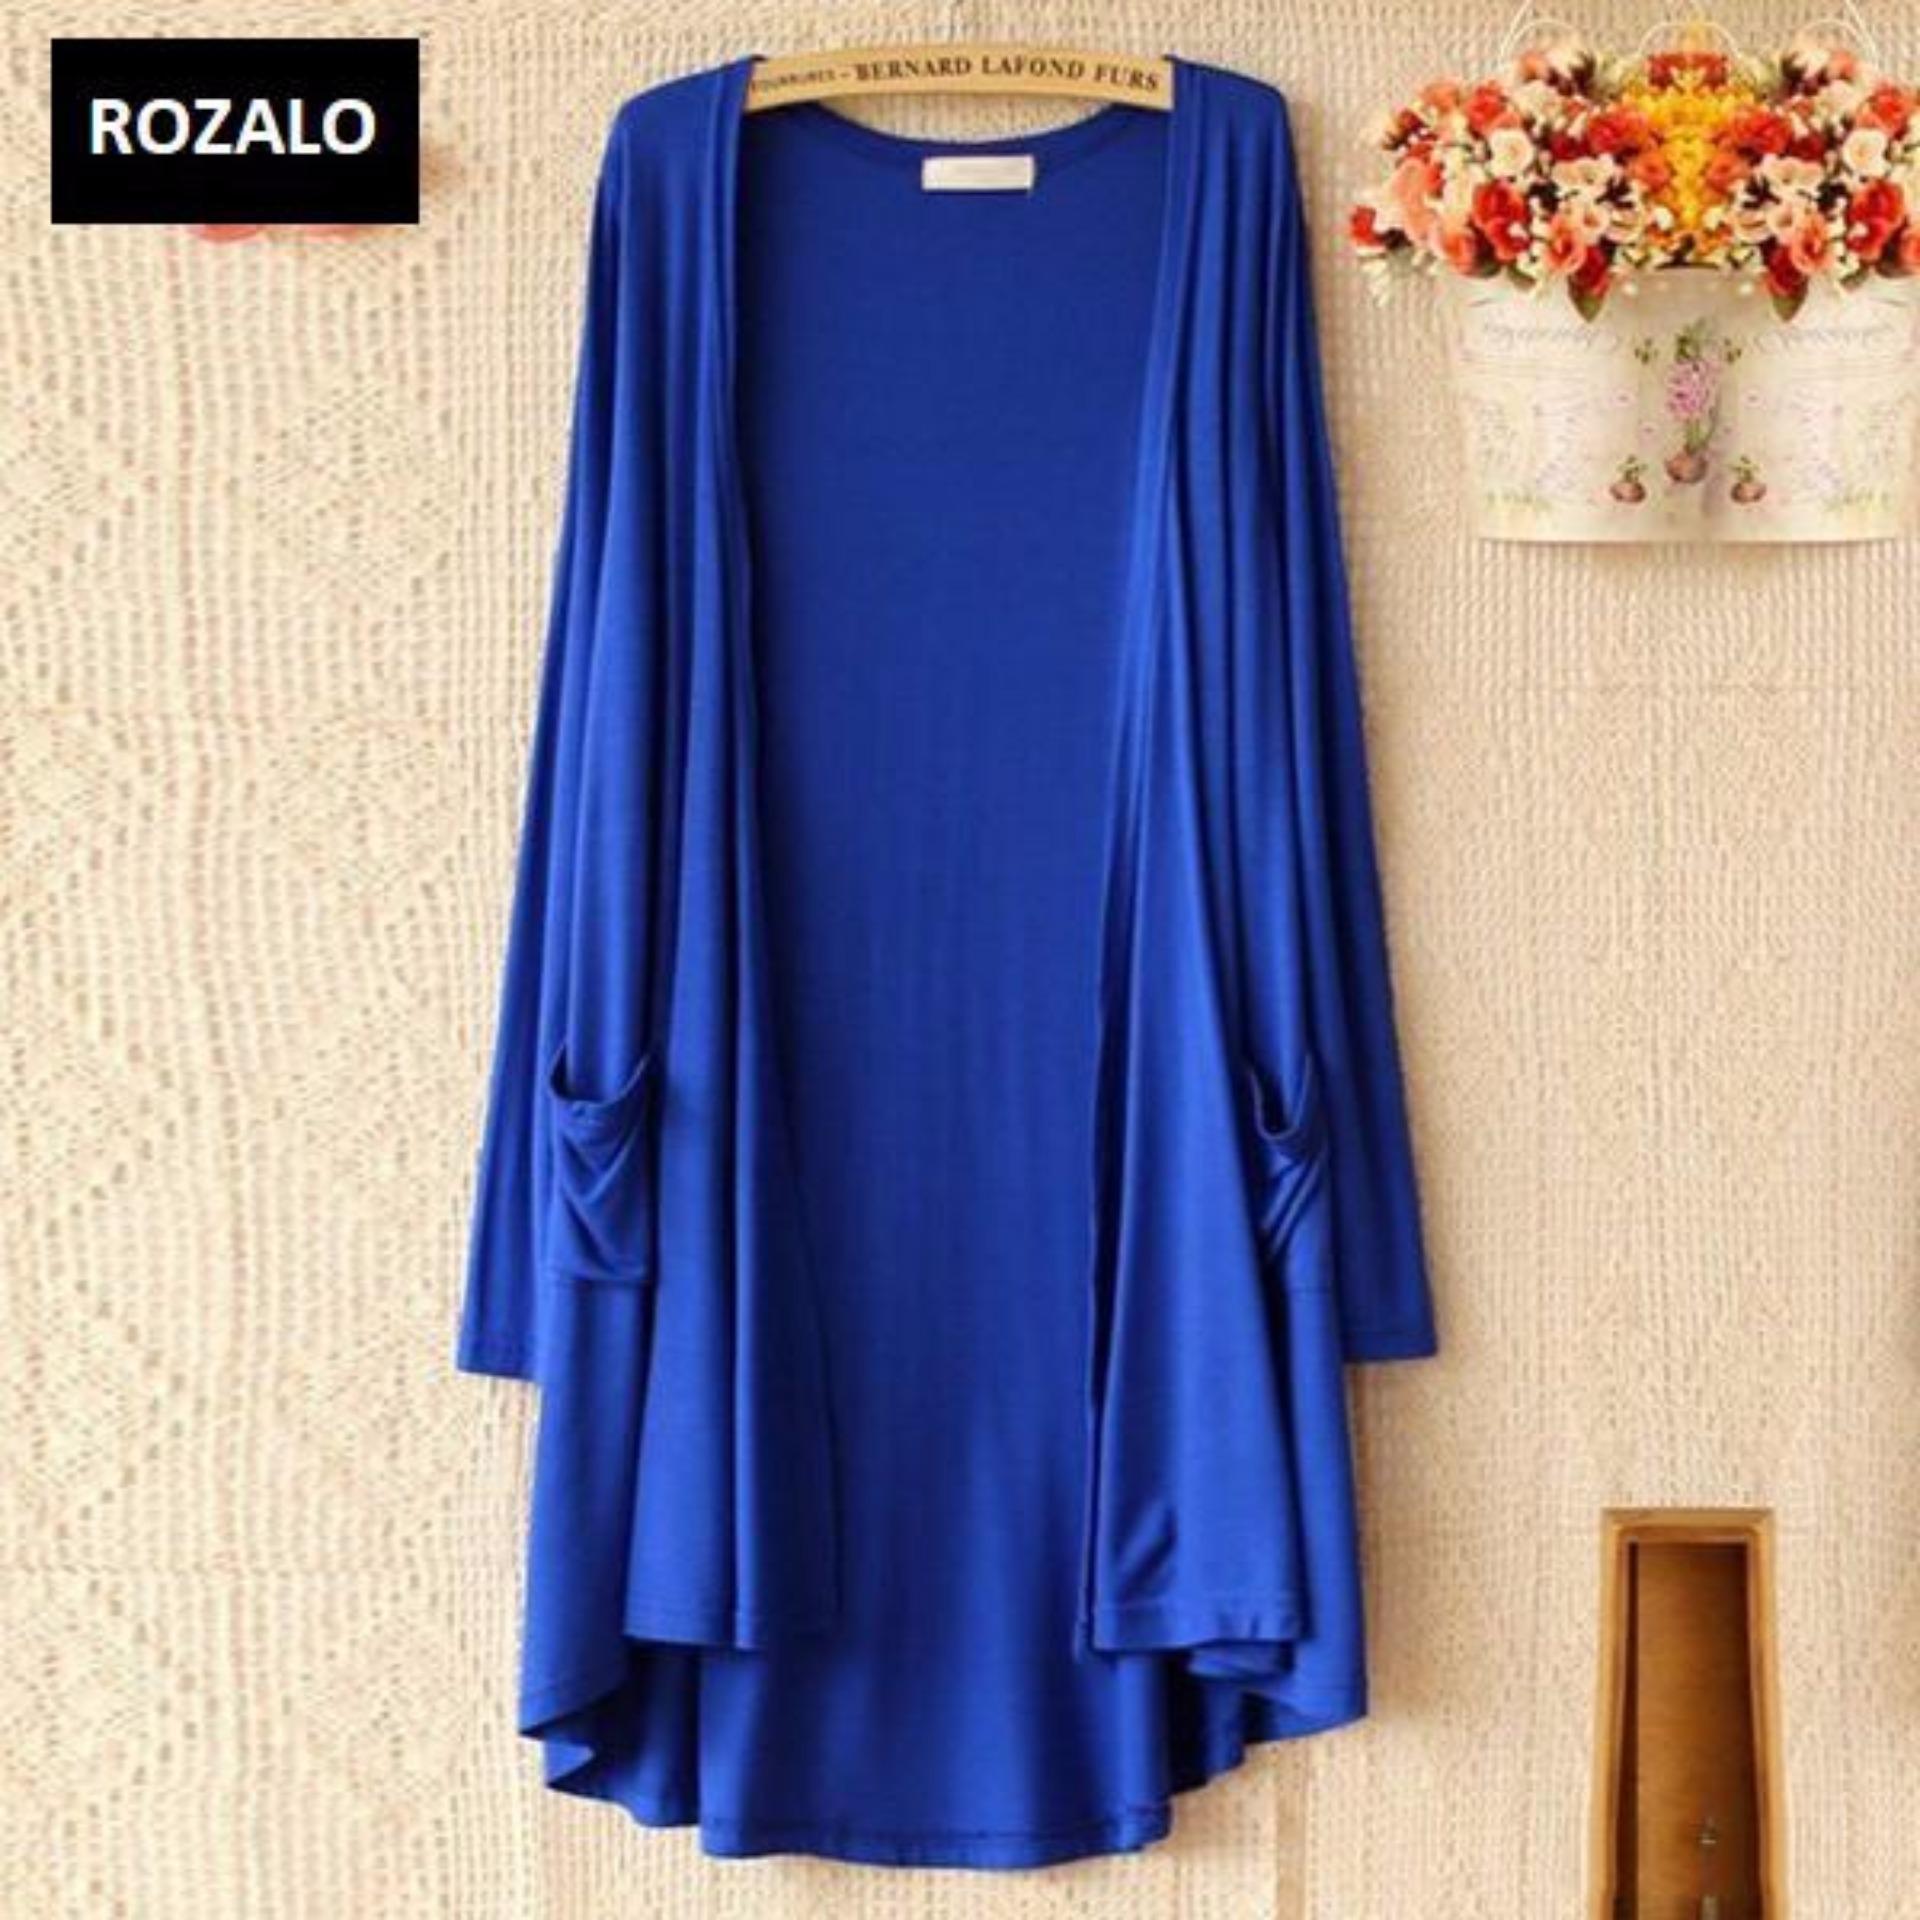 Áo Cardigan nữ thời trang Rozalo ZWA76580XS – Màu xanh – Trẻ trung năng động